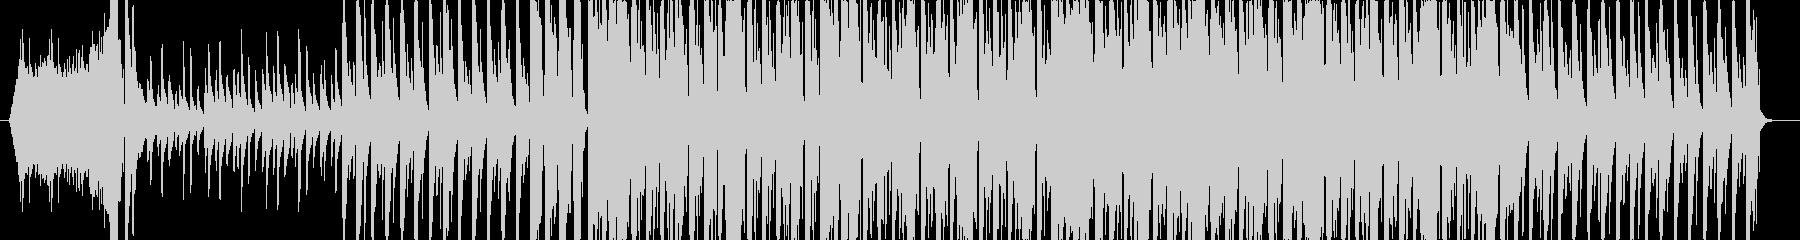 未来的なテクスチャー楽曲の未再生の波形